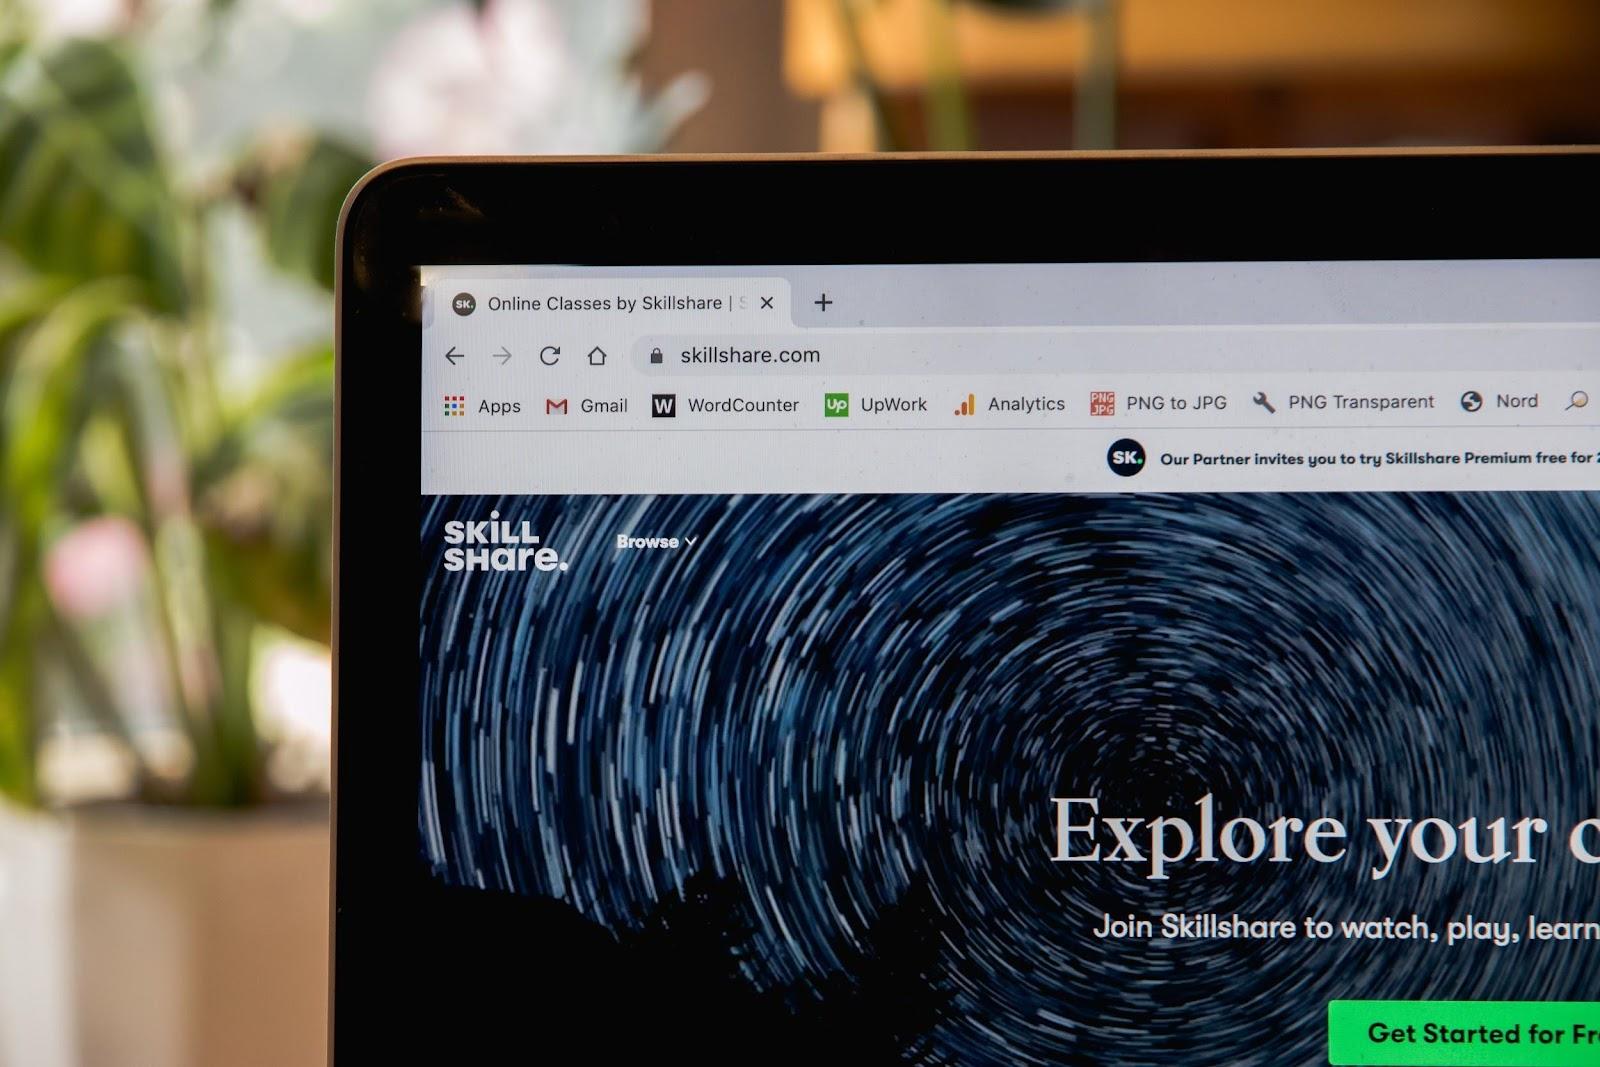 Skillshare Online Learning Platform